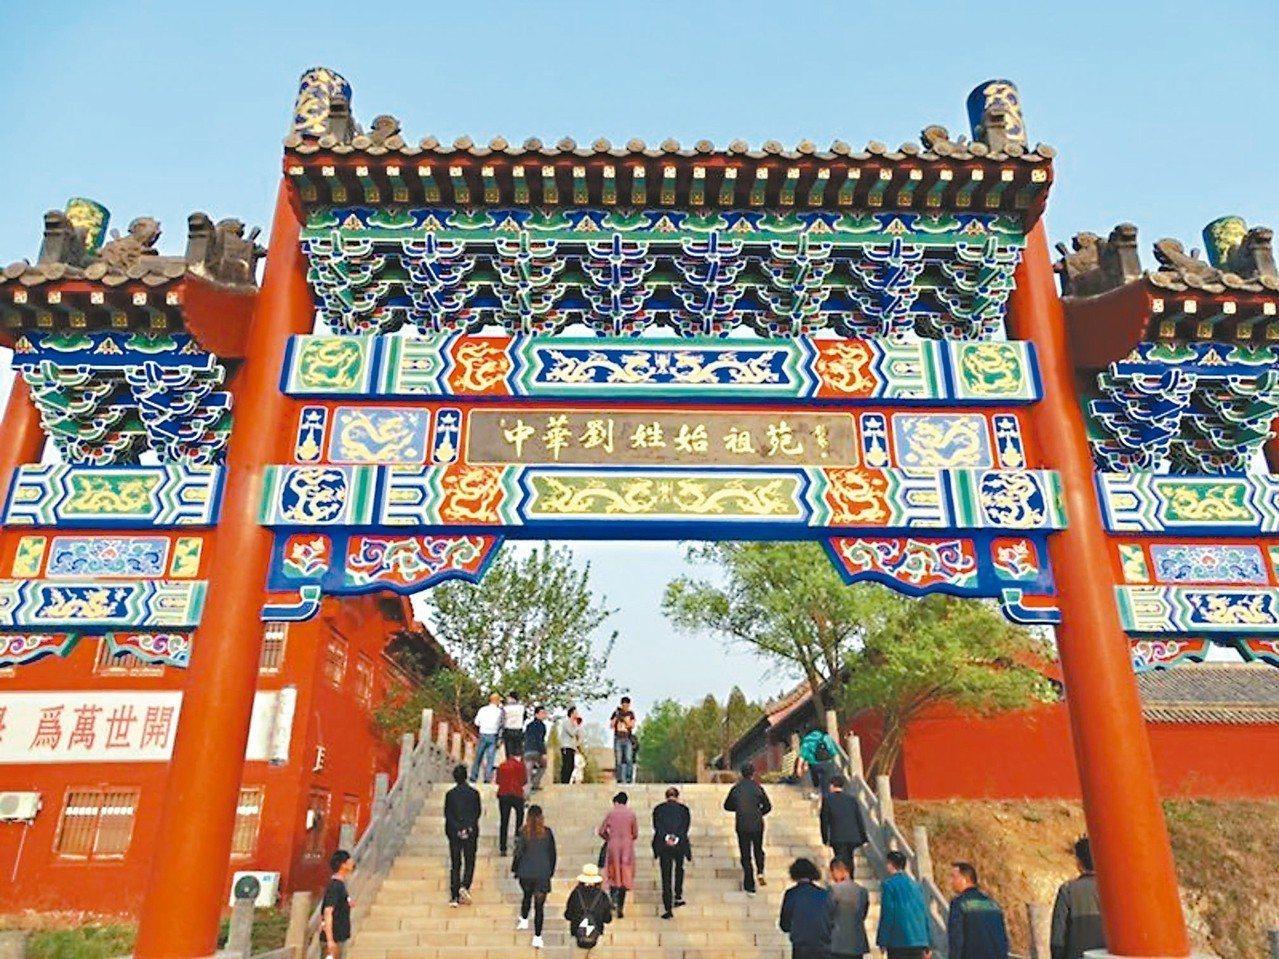 魯山是劉姓的發源地,圖為位於招兵台上的中華劉姓始祖苑。 記者胡明揚╱攝影